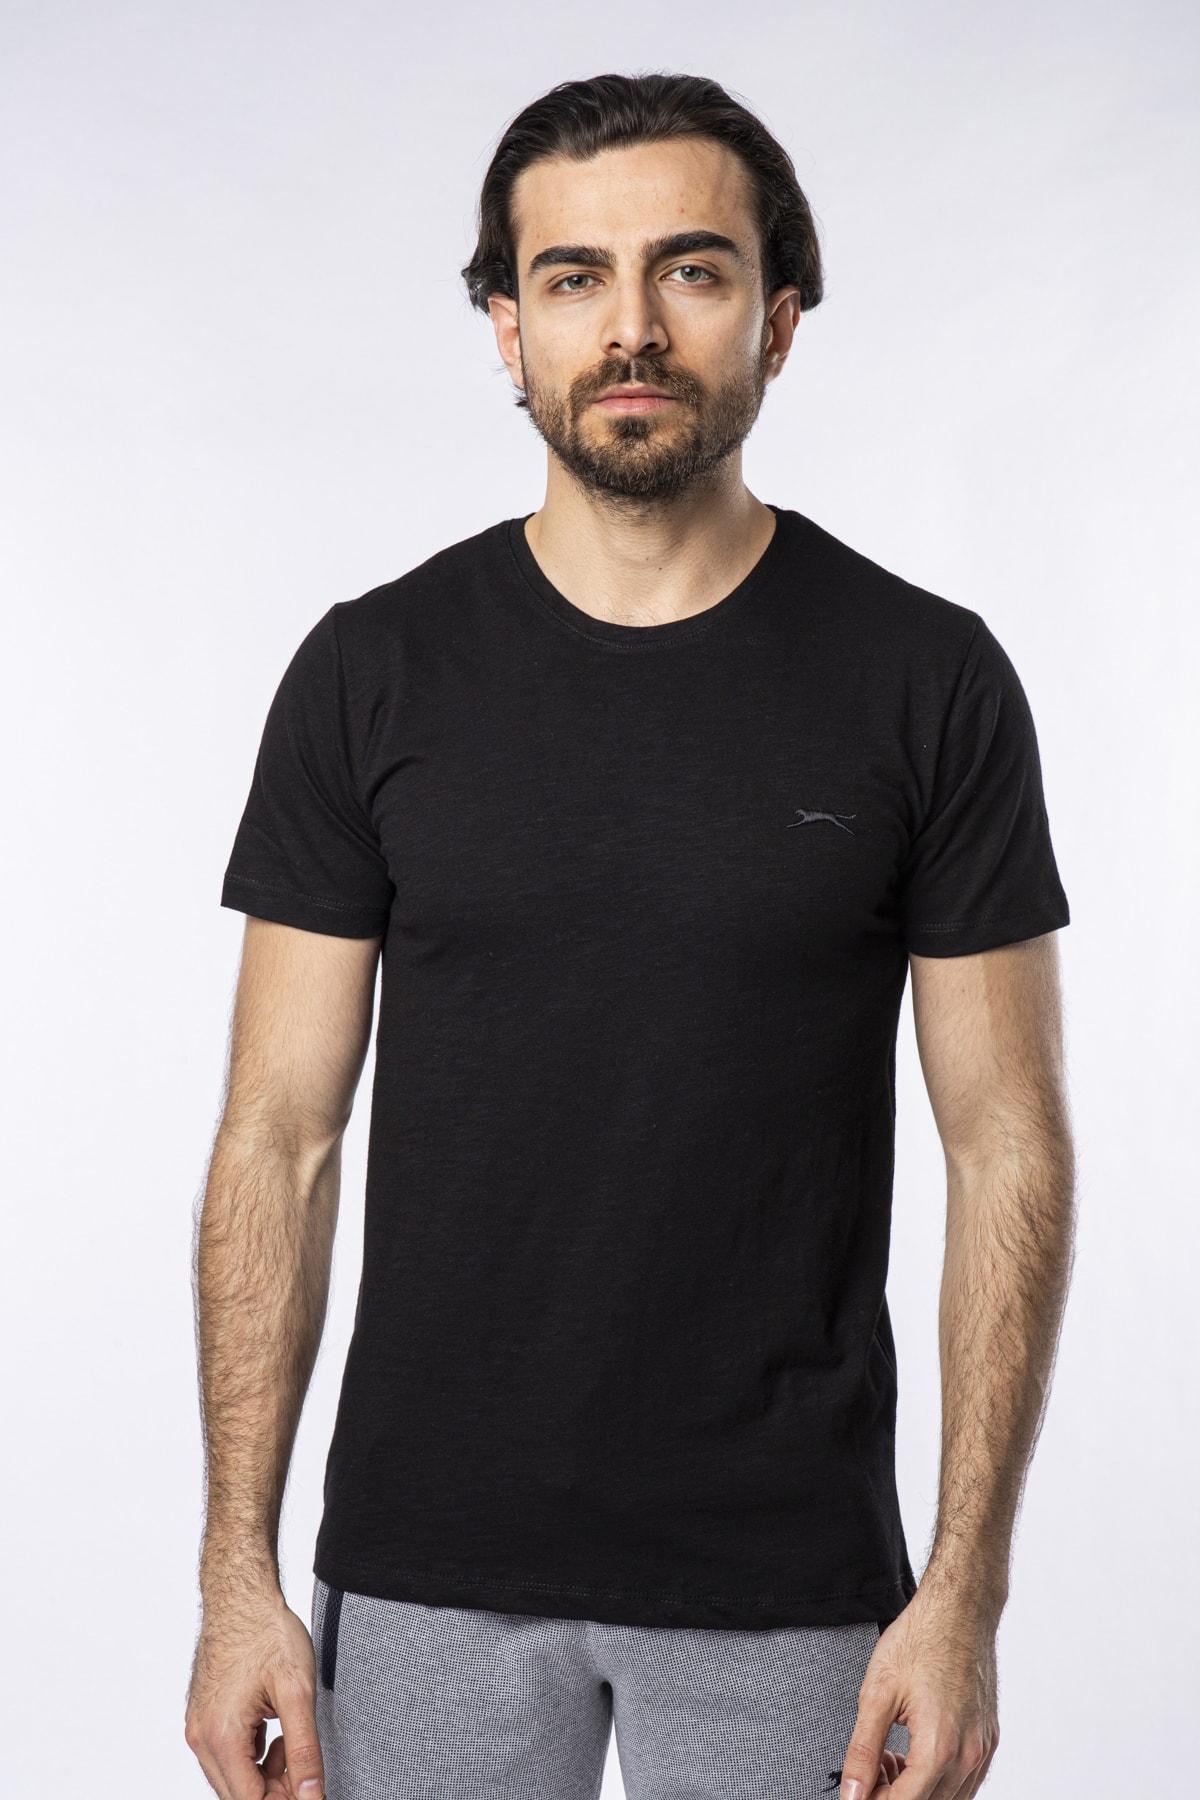 Sand Erkek T-shirt Siyah St11te123